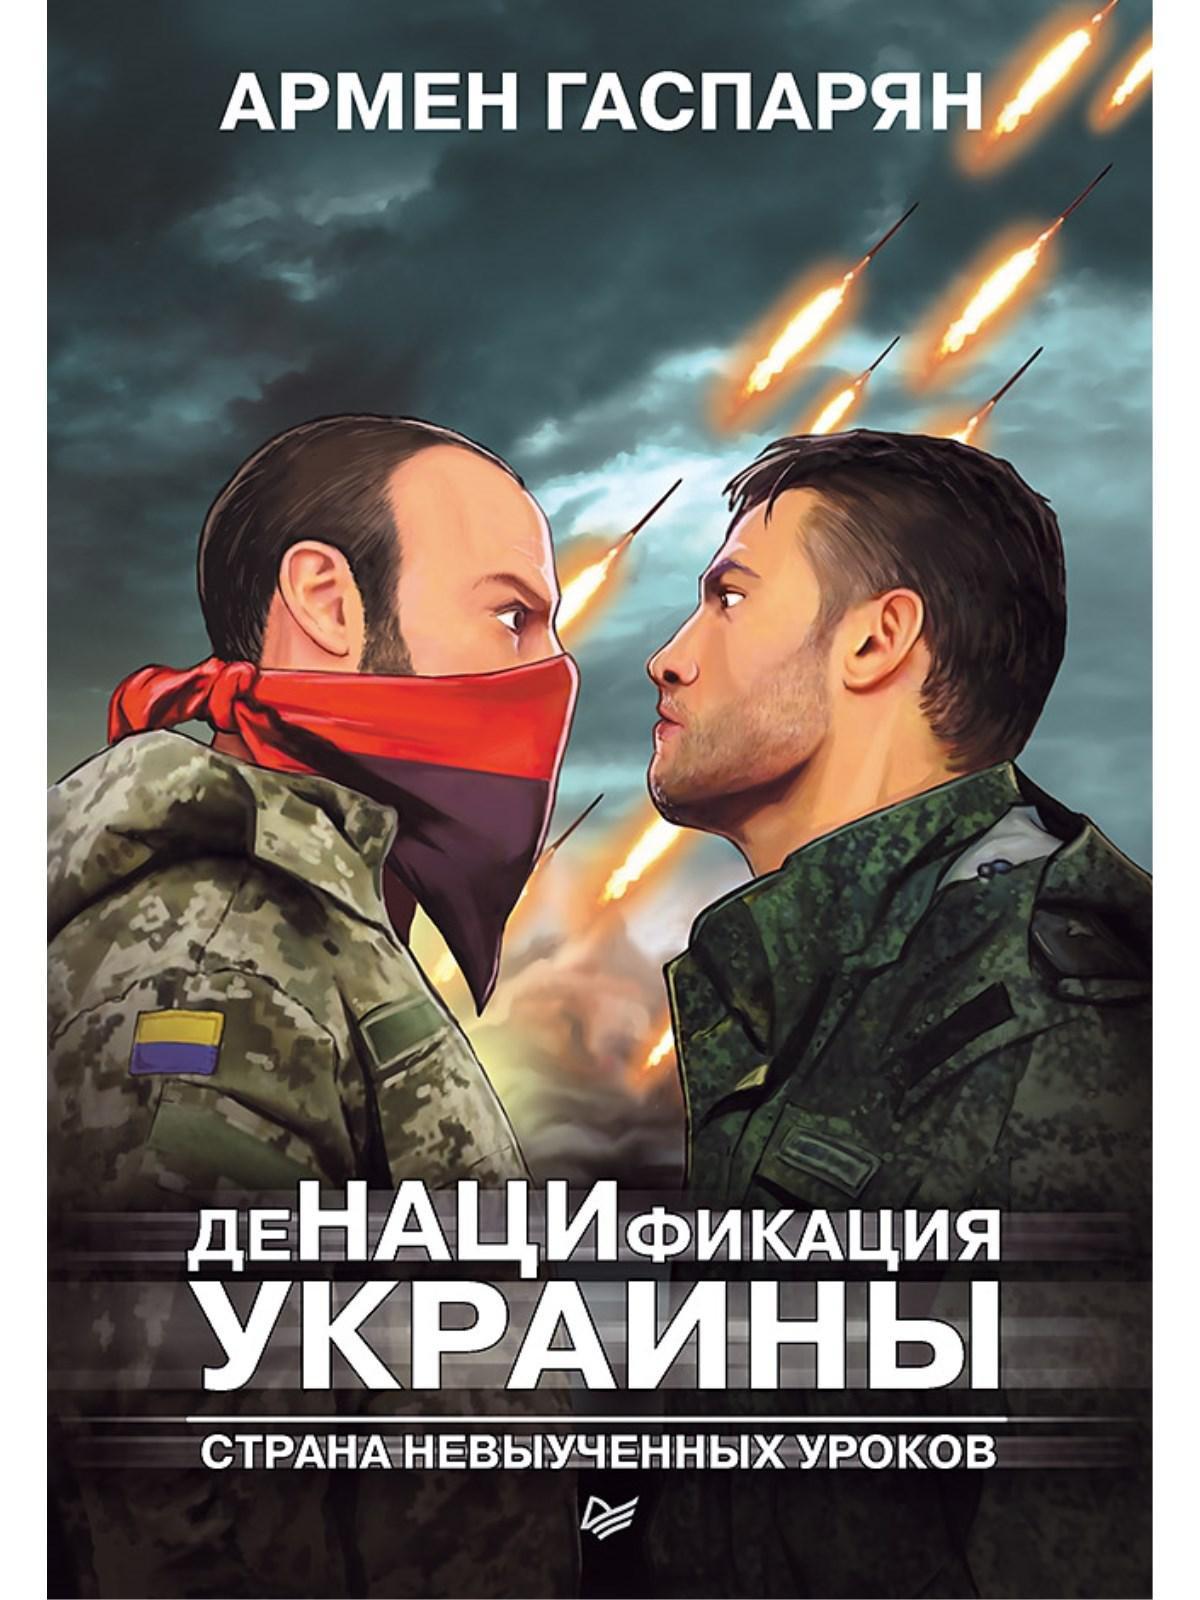 Гаспарян Армен Сумбатович ДеНАЦИфикация Украины. Страна невыученных уроков